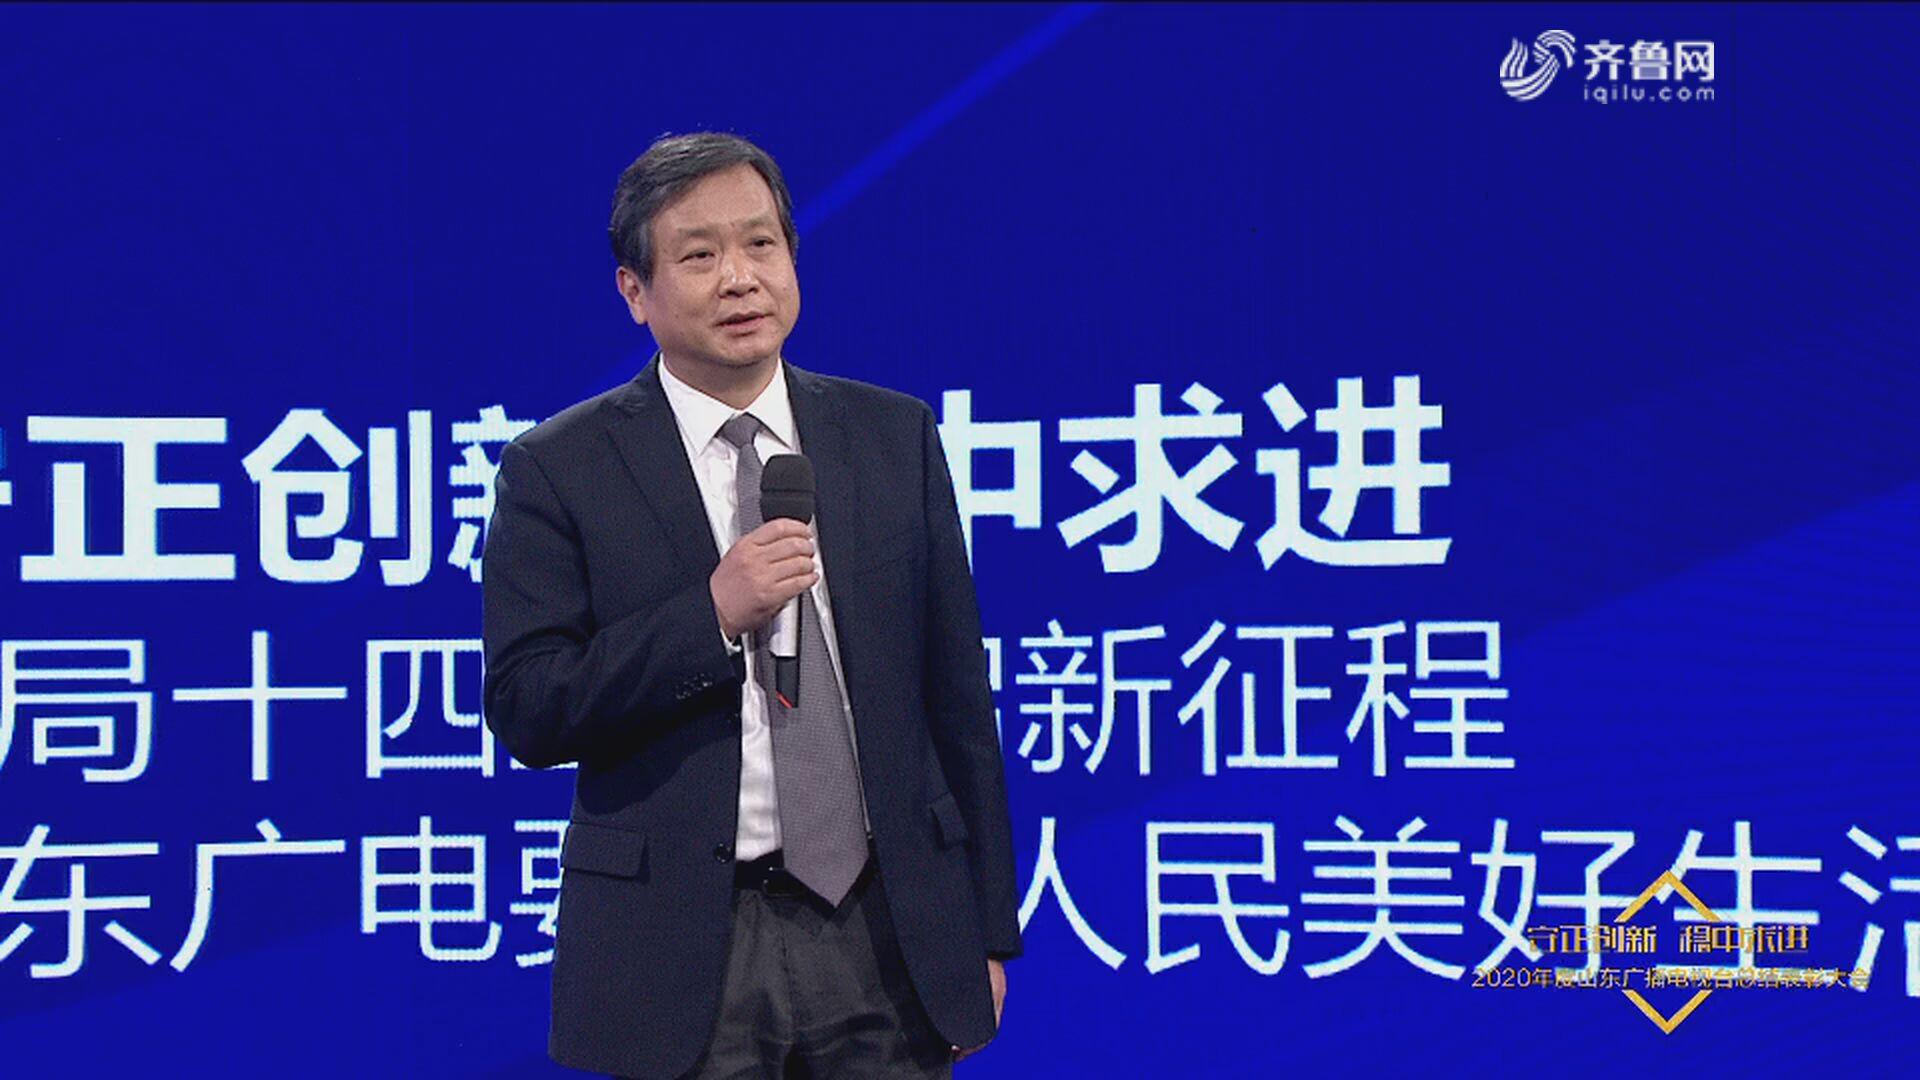 2020年山东广电总结表彰大会|守正创新 稳中求进,山东广电要成为人民美好生活的一部分